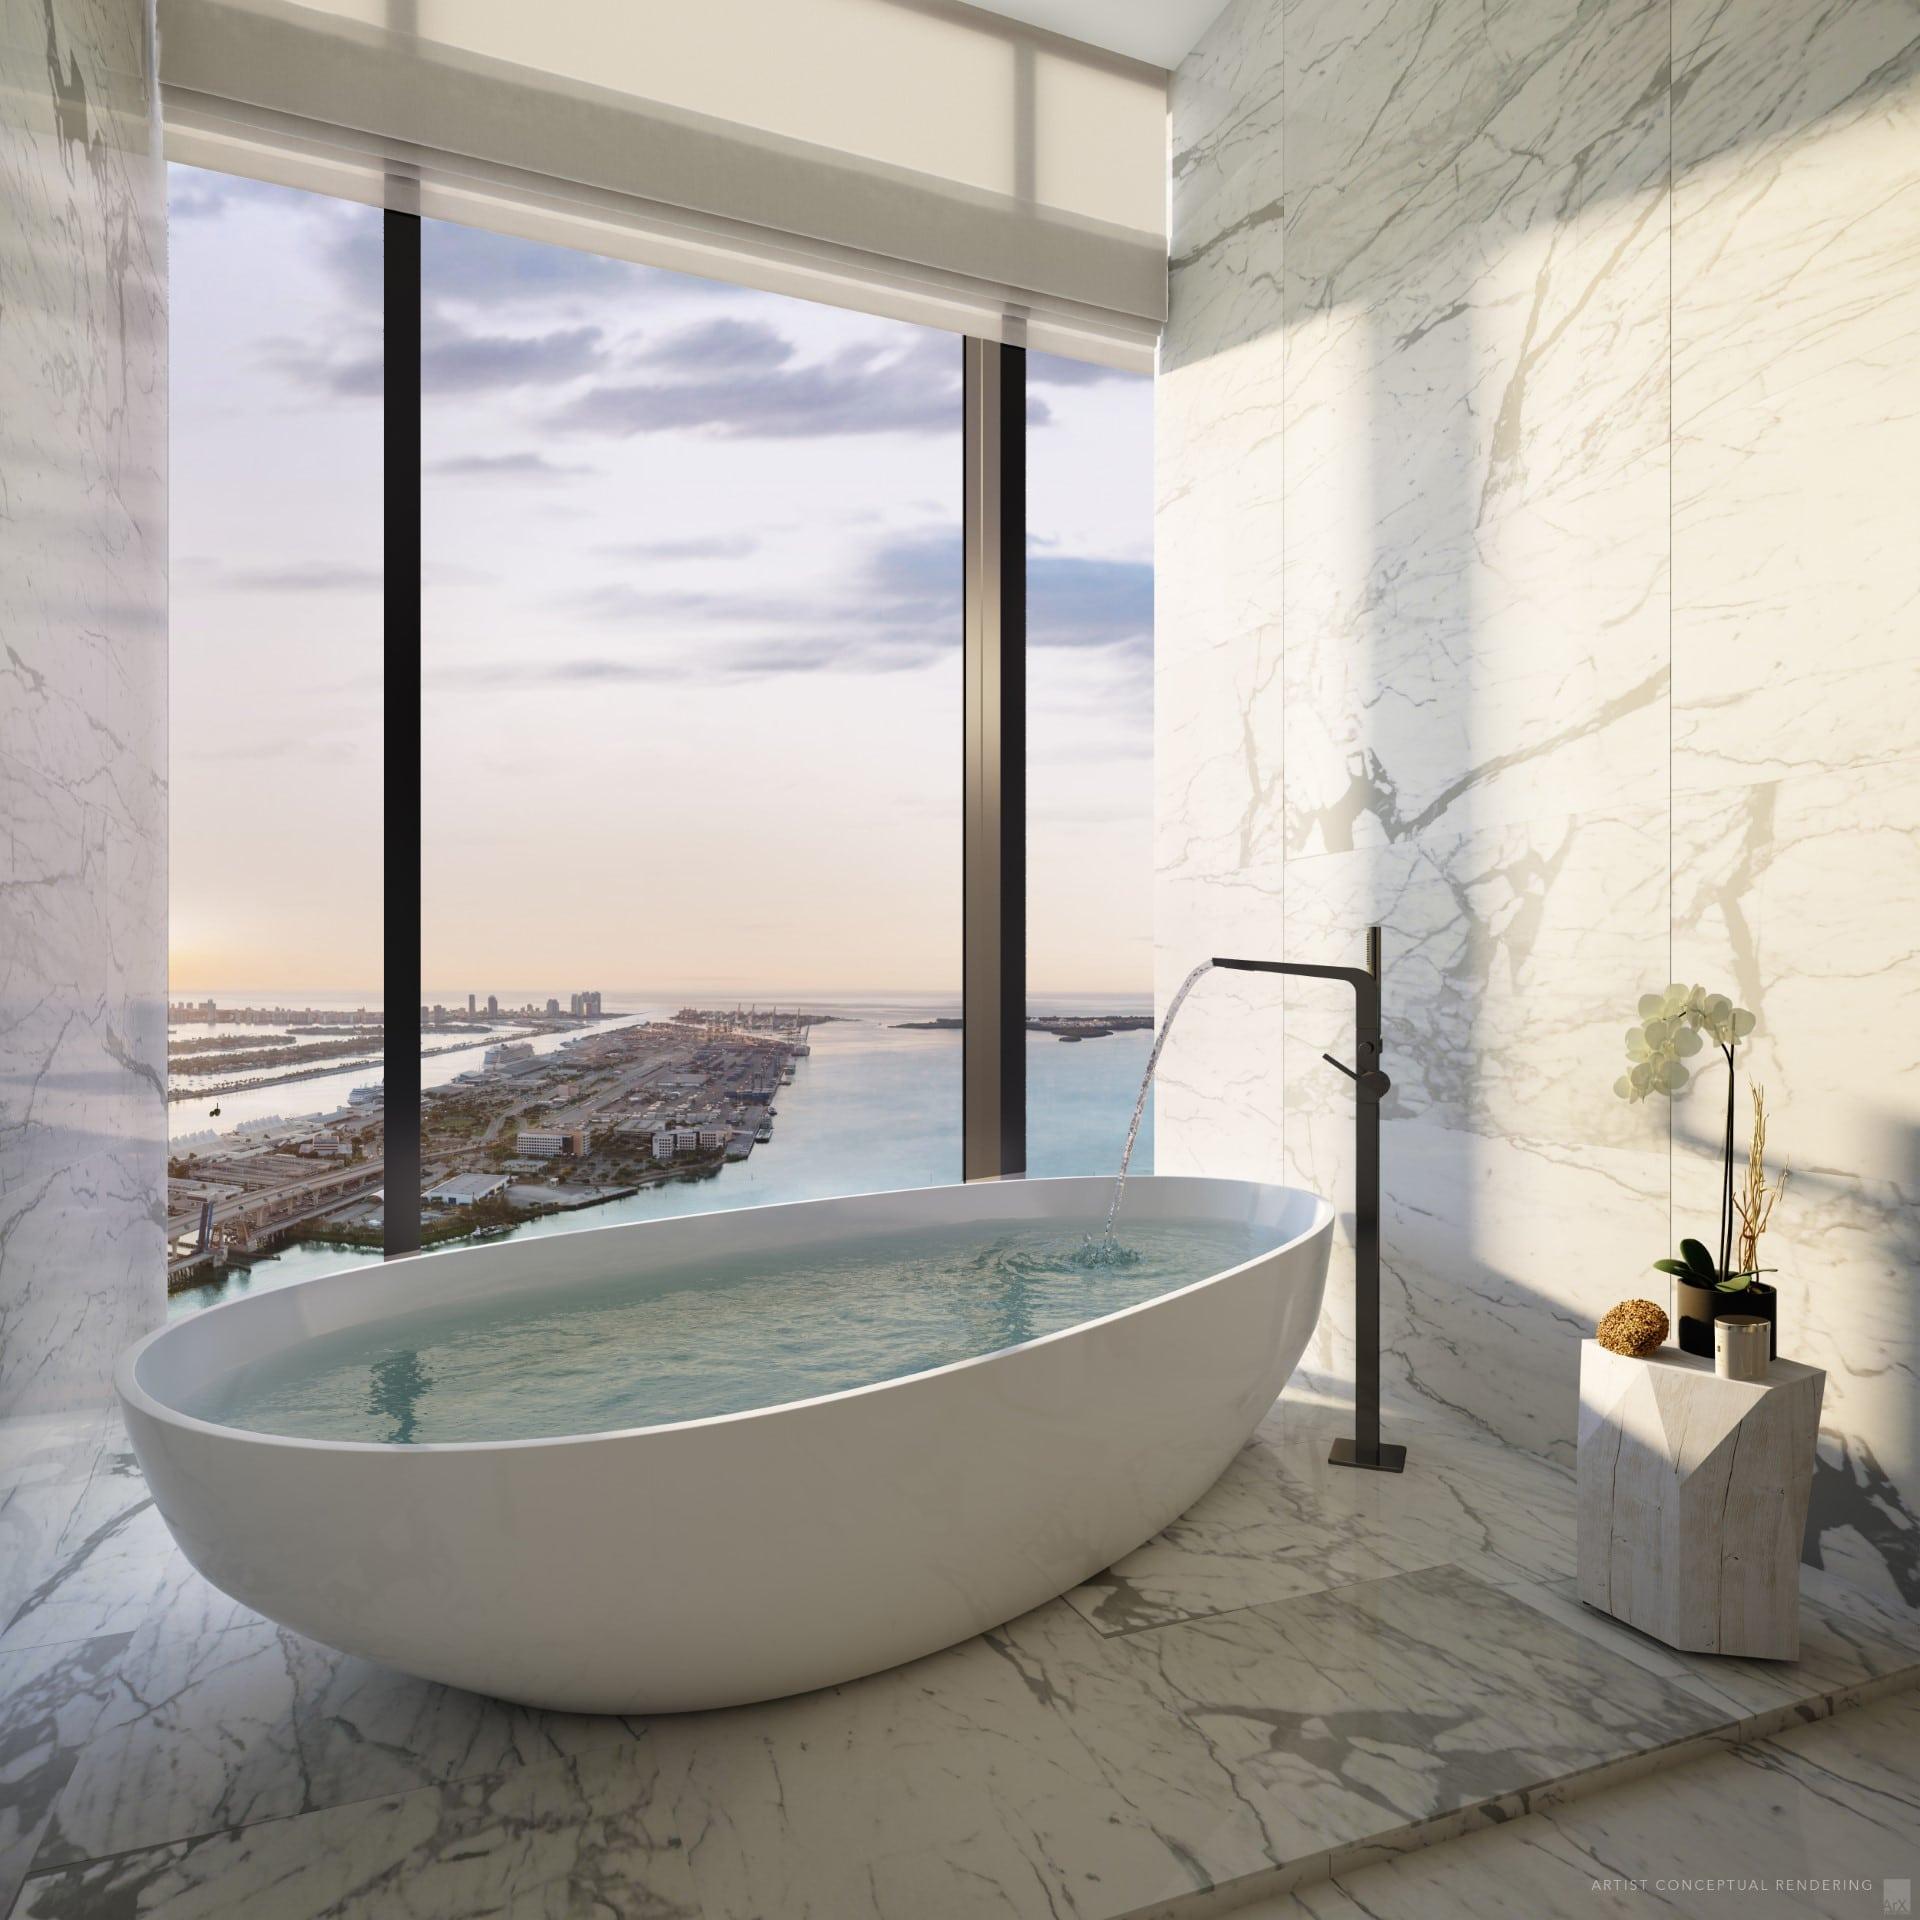 Bathroom interior at Waldorf Astoria Miami, rendering by ArX Solutions